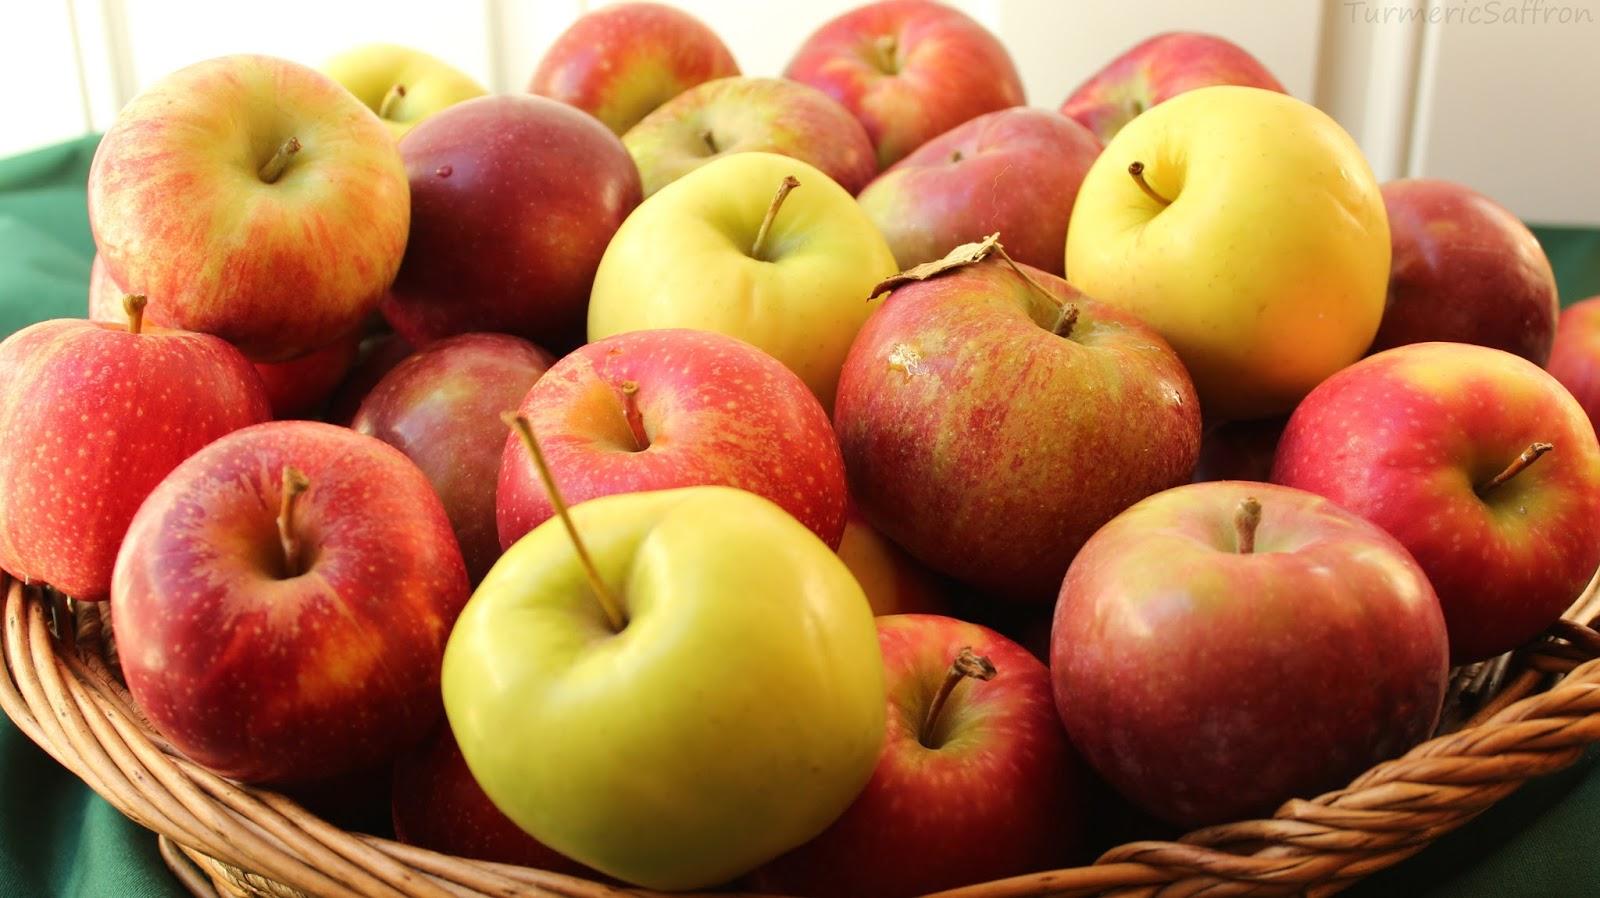 turmeric u0026 saffron khoresh sib o gheysi persian apple stew with